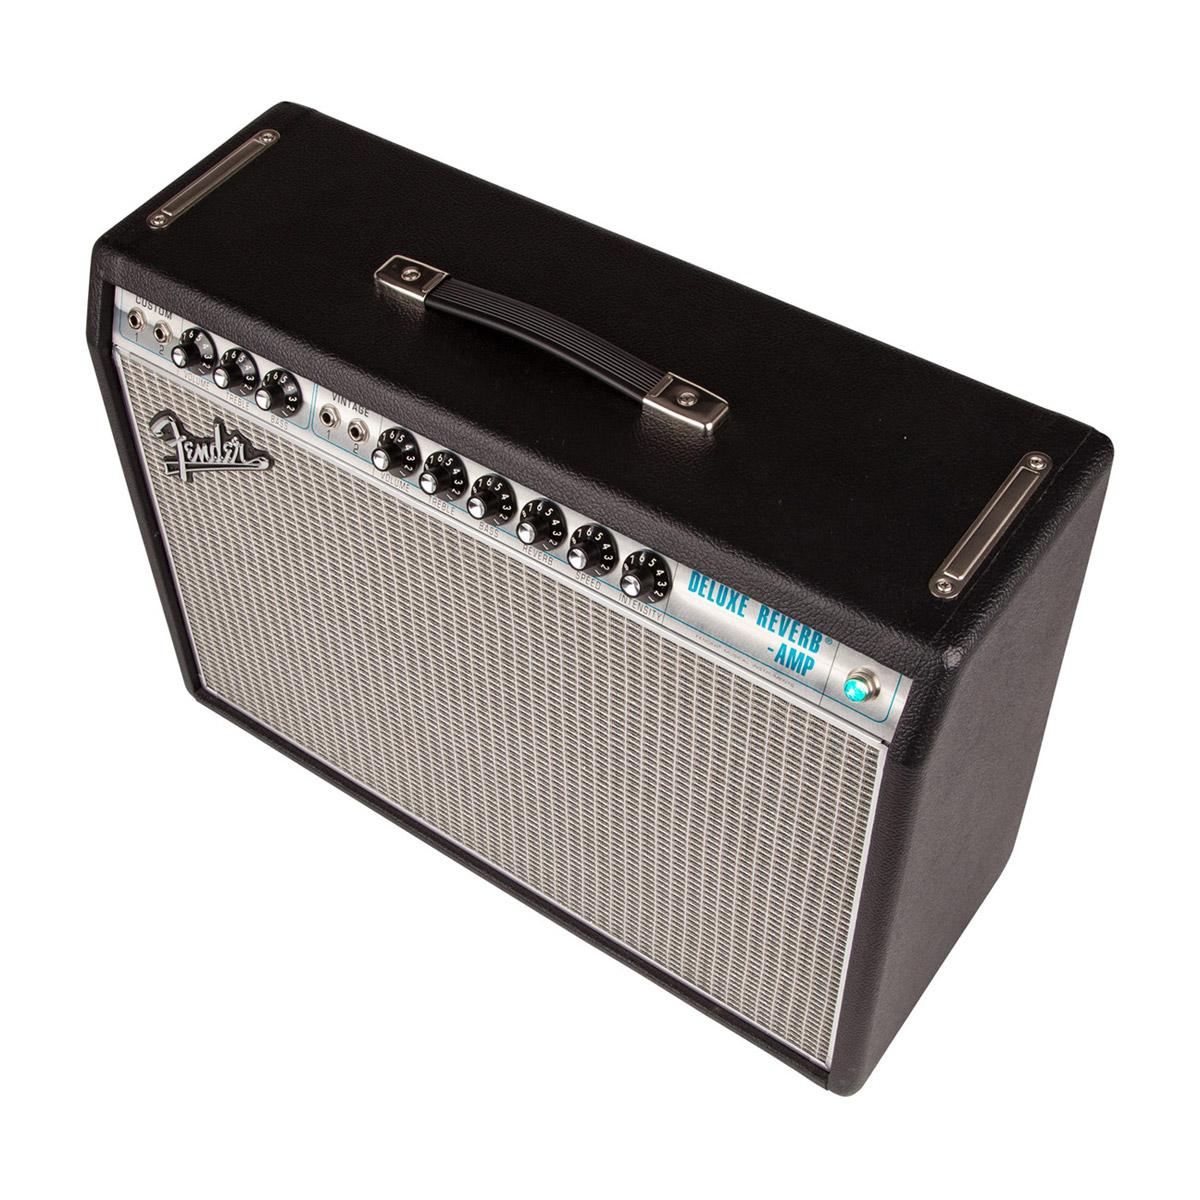 Datazione Marshall amp